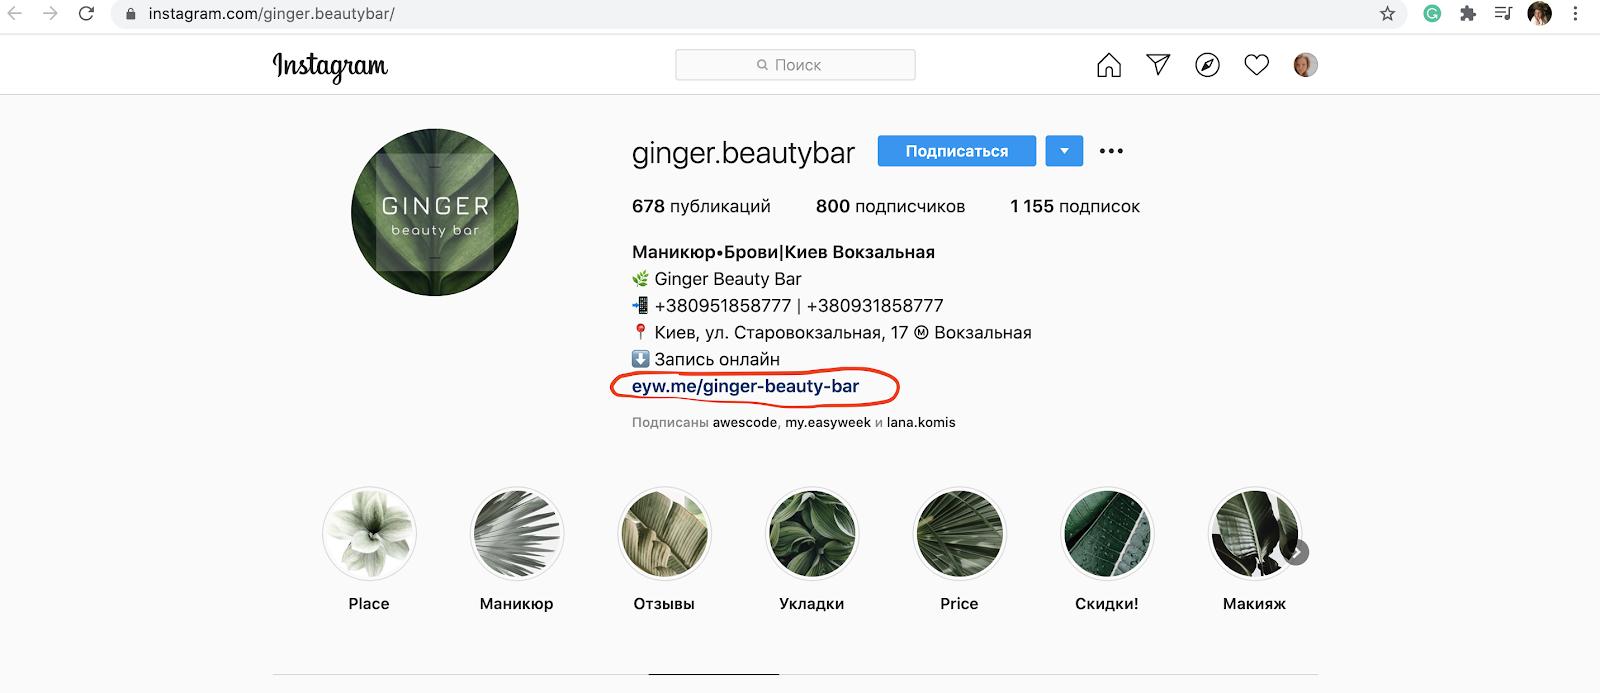 easyweek-v-instagram